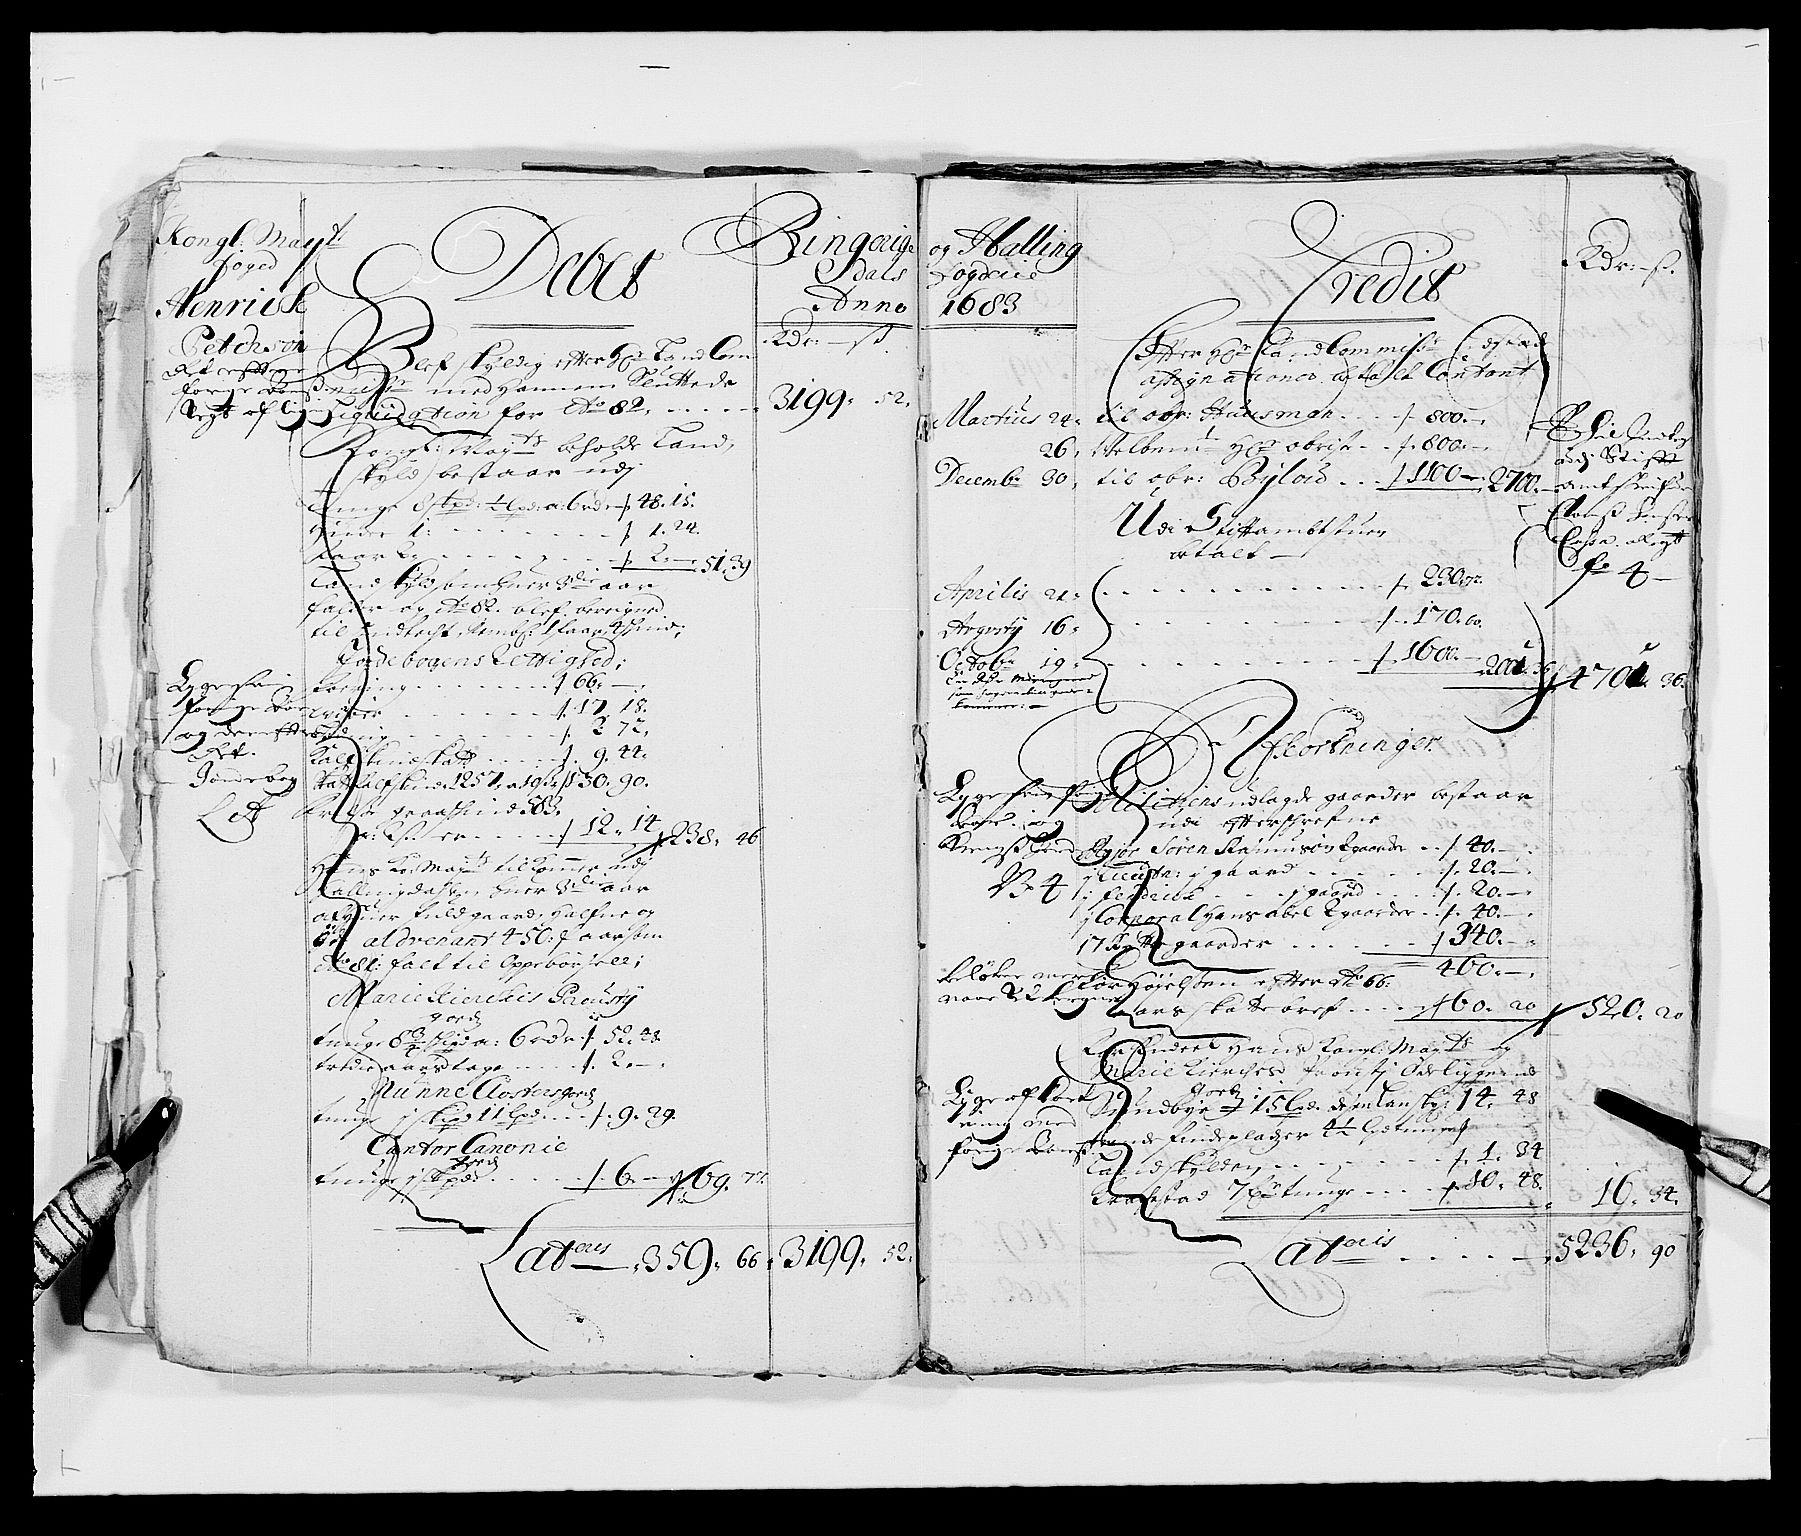 RA, Rentekammeret inntil 1814, Reviderte regnskaper, Fogderegnskap, R21/L1445: Fogderegnskap Ringerike og Hallingdal, 1681-1689, s. 9